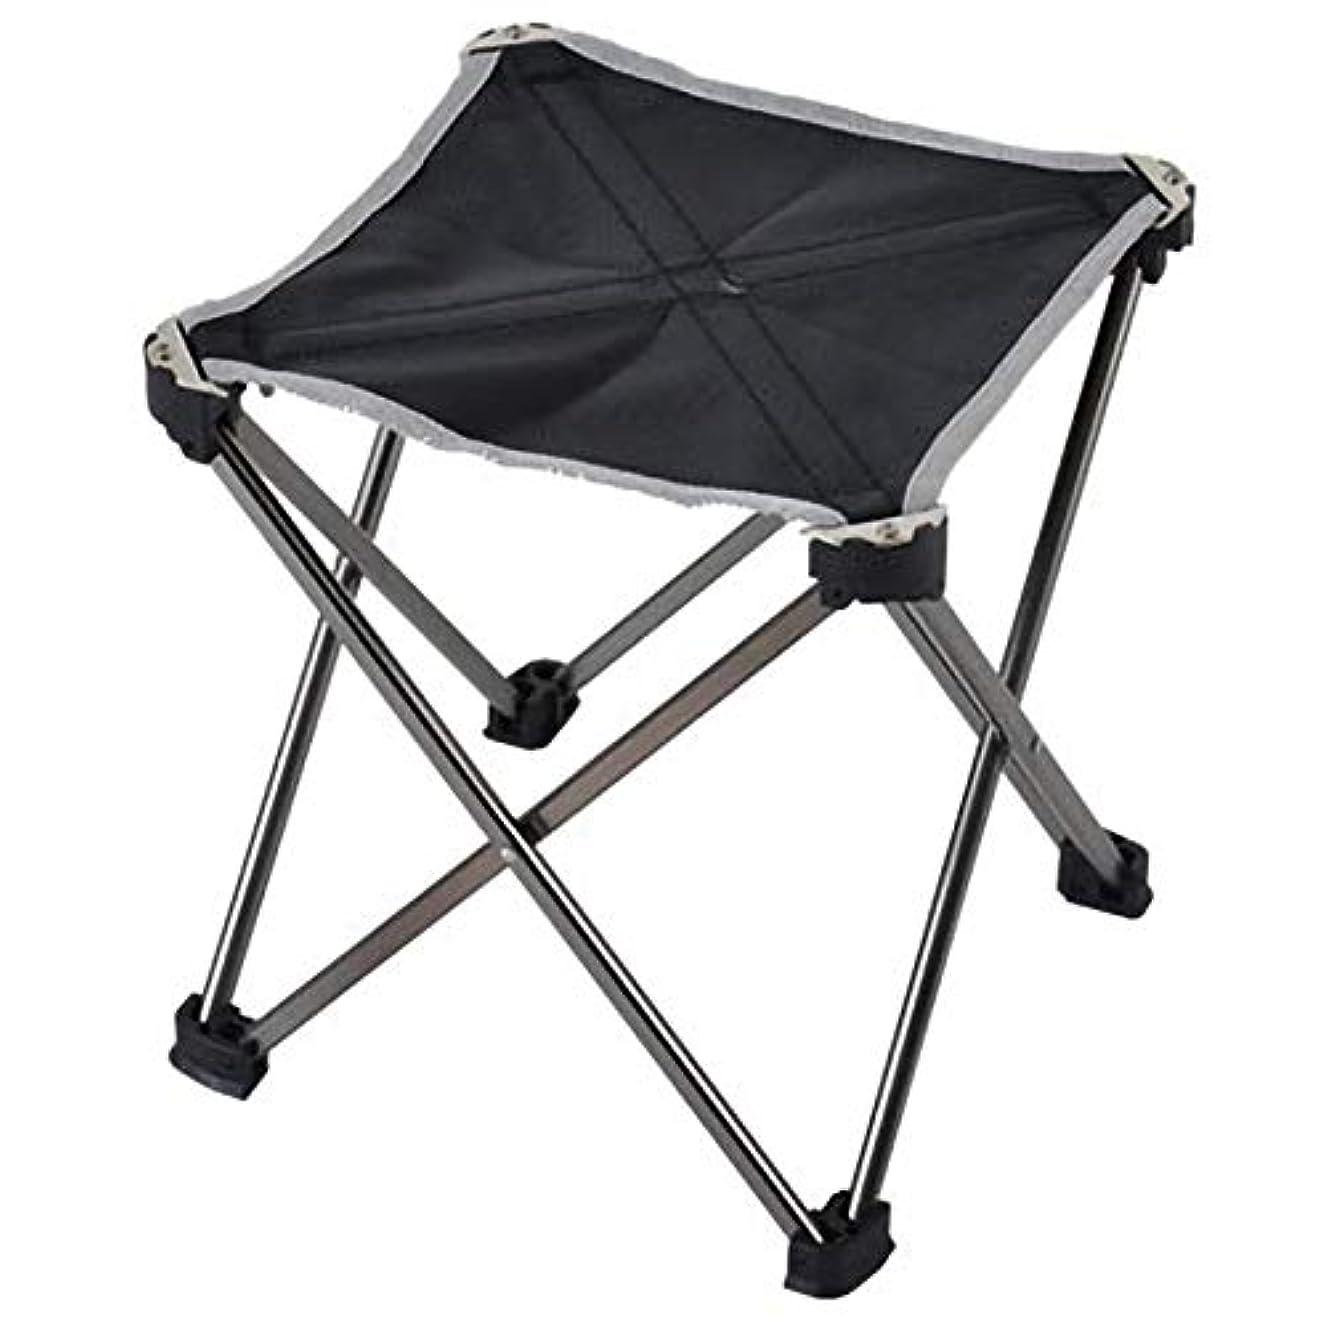 春予測する重くするACAMPTAR アウトドアスポーツ、キャンプの折りたたみ椅子、6061アルミ合金+布、折りたたみ式釣り用椅子、超軽量、ポータブル、ミニシート、レジャー、アウトドア、チェア、ミディアム、黒色+オレンジ色